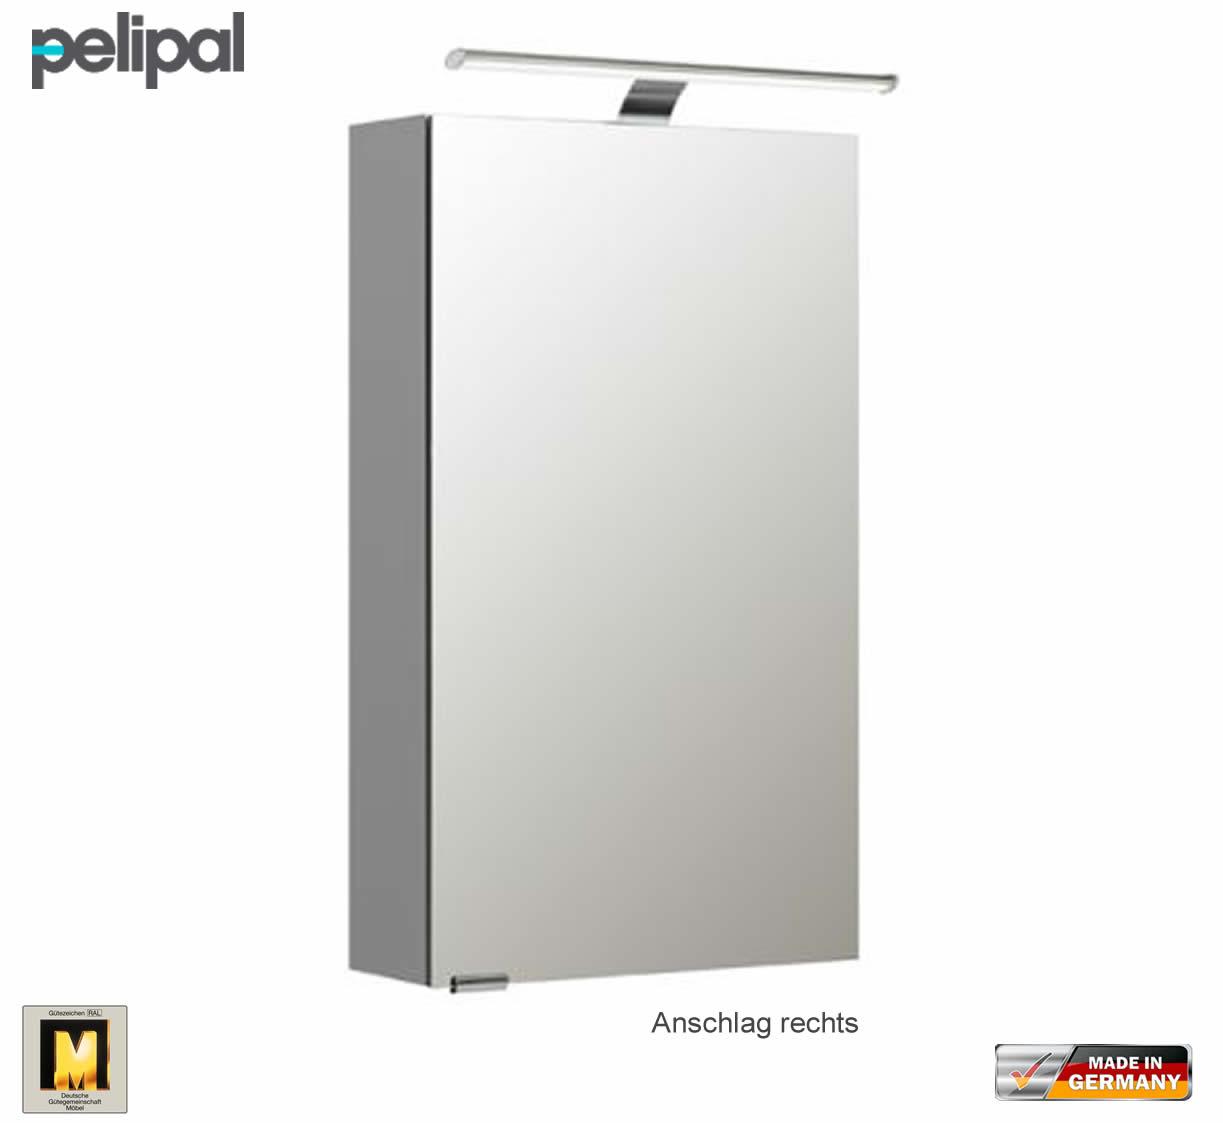 Pelipal Neutraler Spiegelschrank S5 40 Cm Mit Led Aufsatzleucht Impulsbad